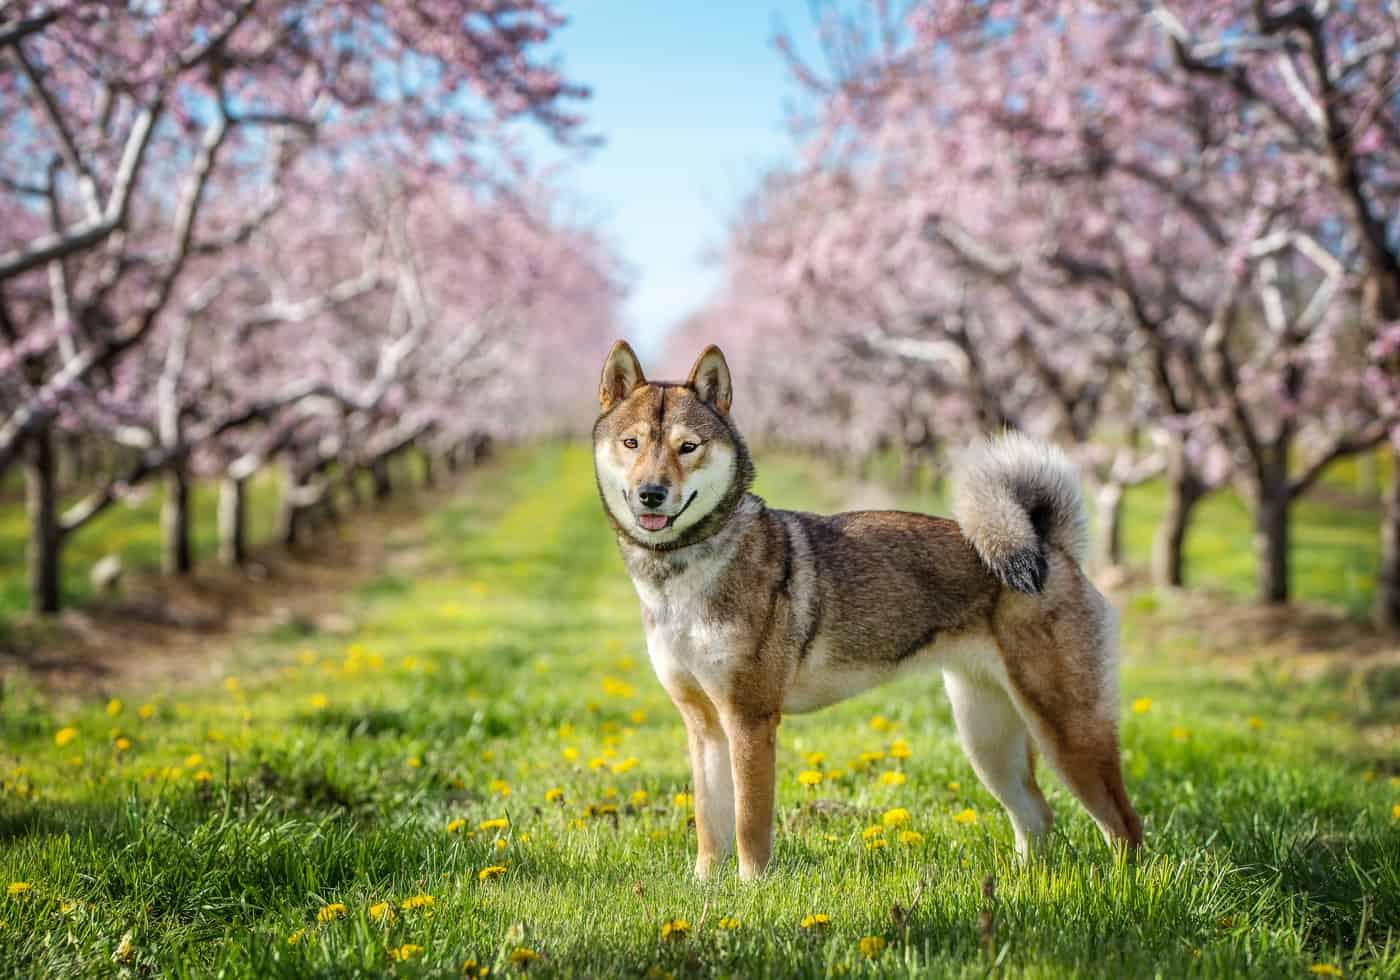 Indigo-Pet-Photography-blossom dogs-WM-003